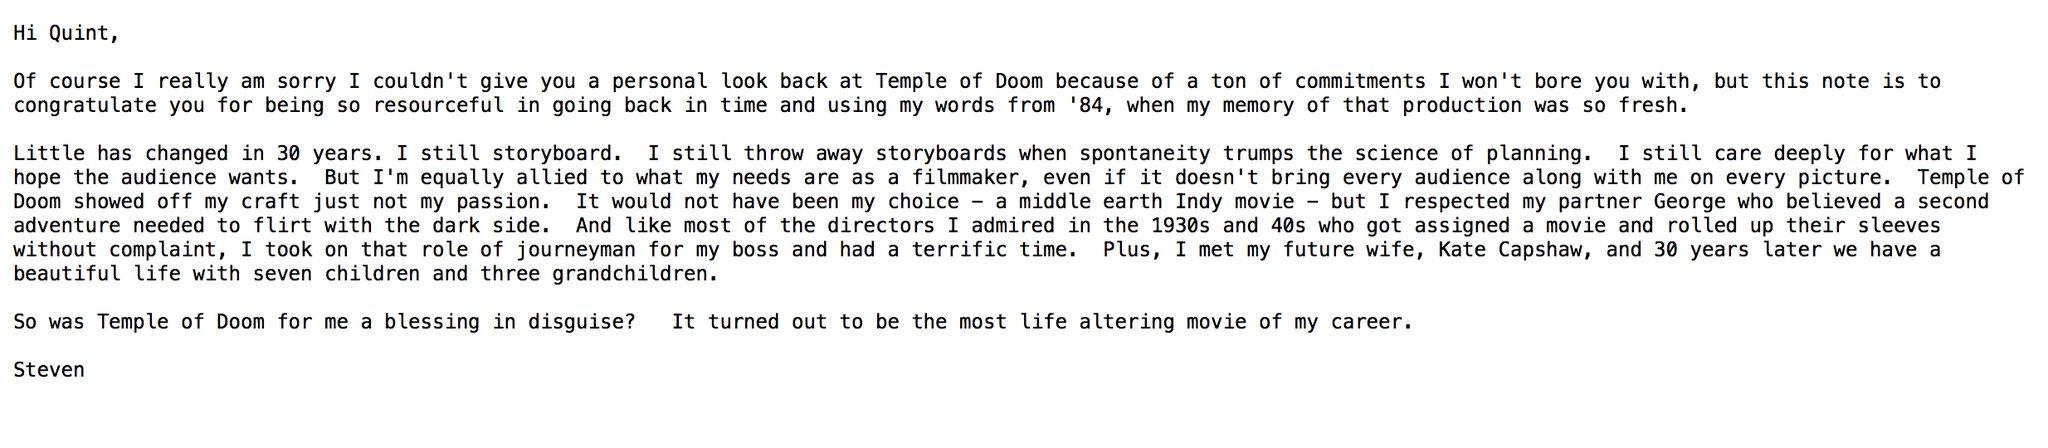 Le Mail de Steven Spielberg à Ain't it Cool News